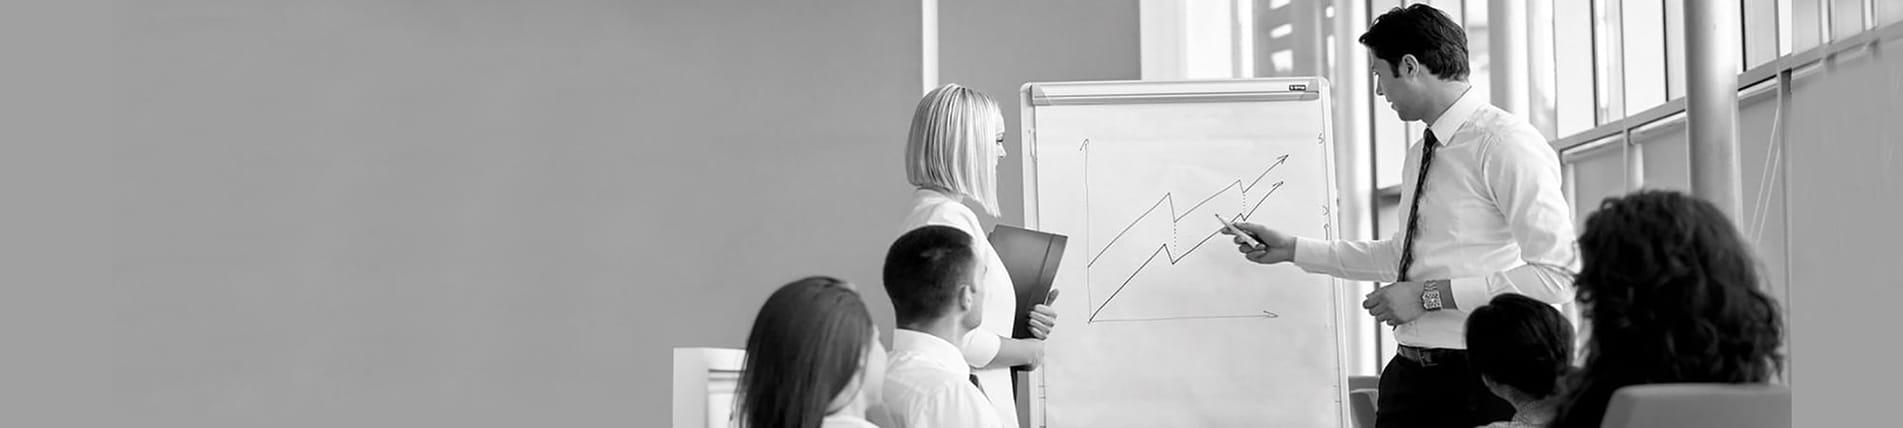 Développez votre agence immobilière grâce à la gestion locative externalisée